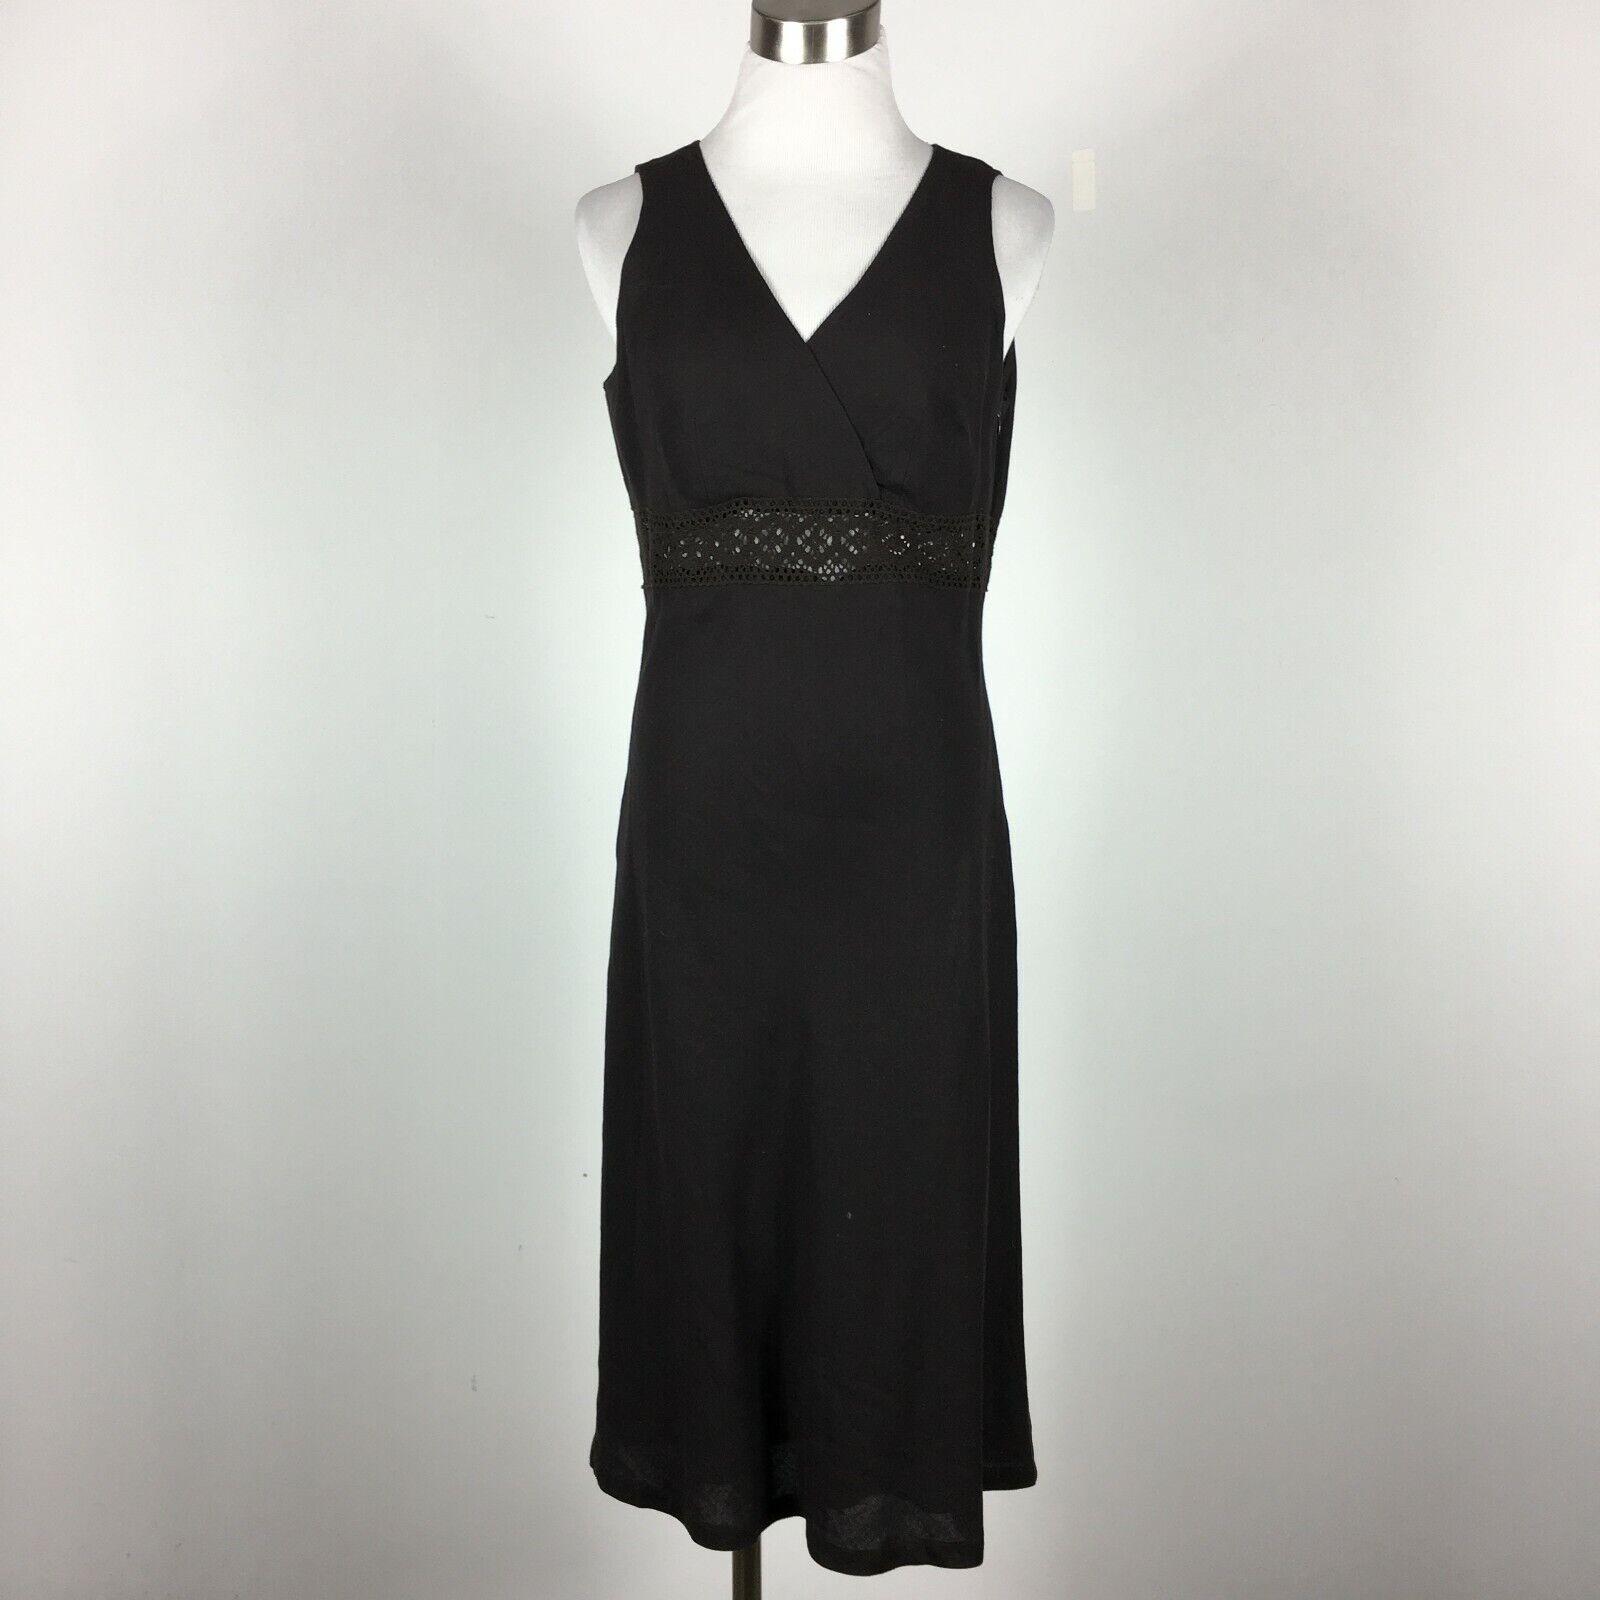 New York & Co Size 6 Empire Dress Brown Cross V L:inen Blend Sleeveless 90s